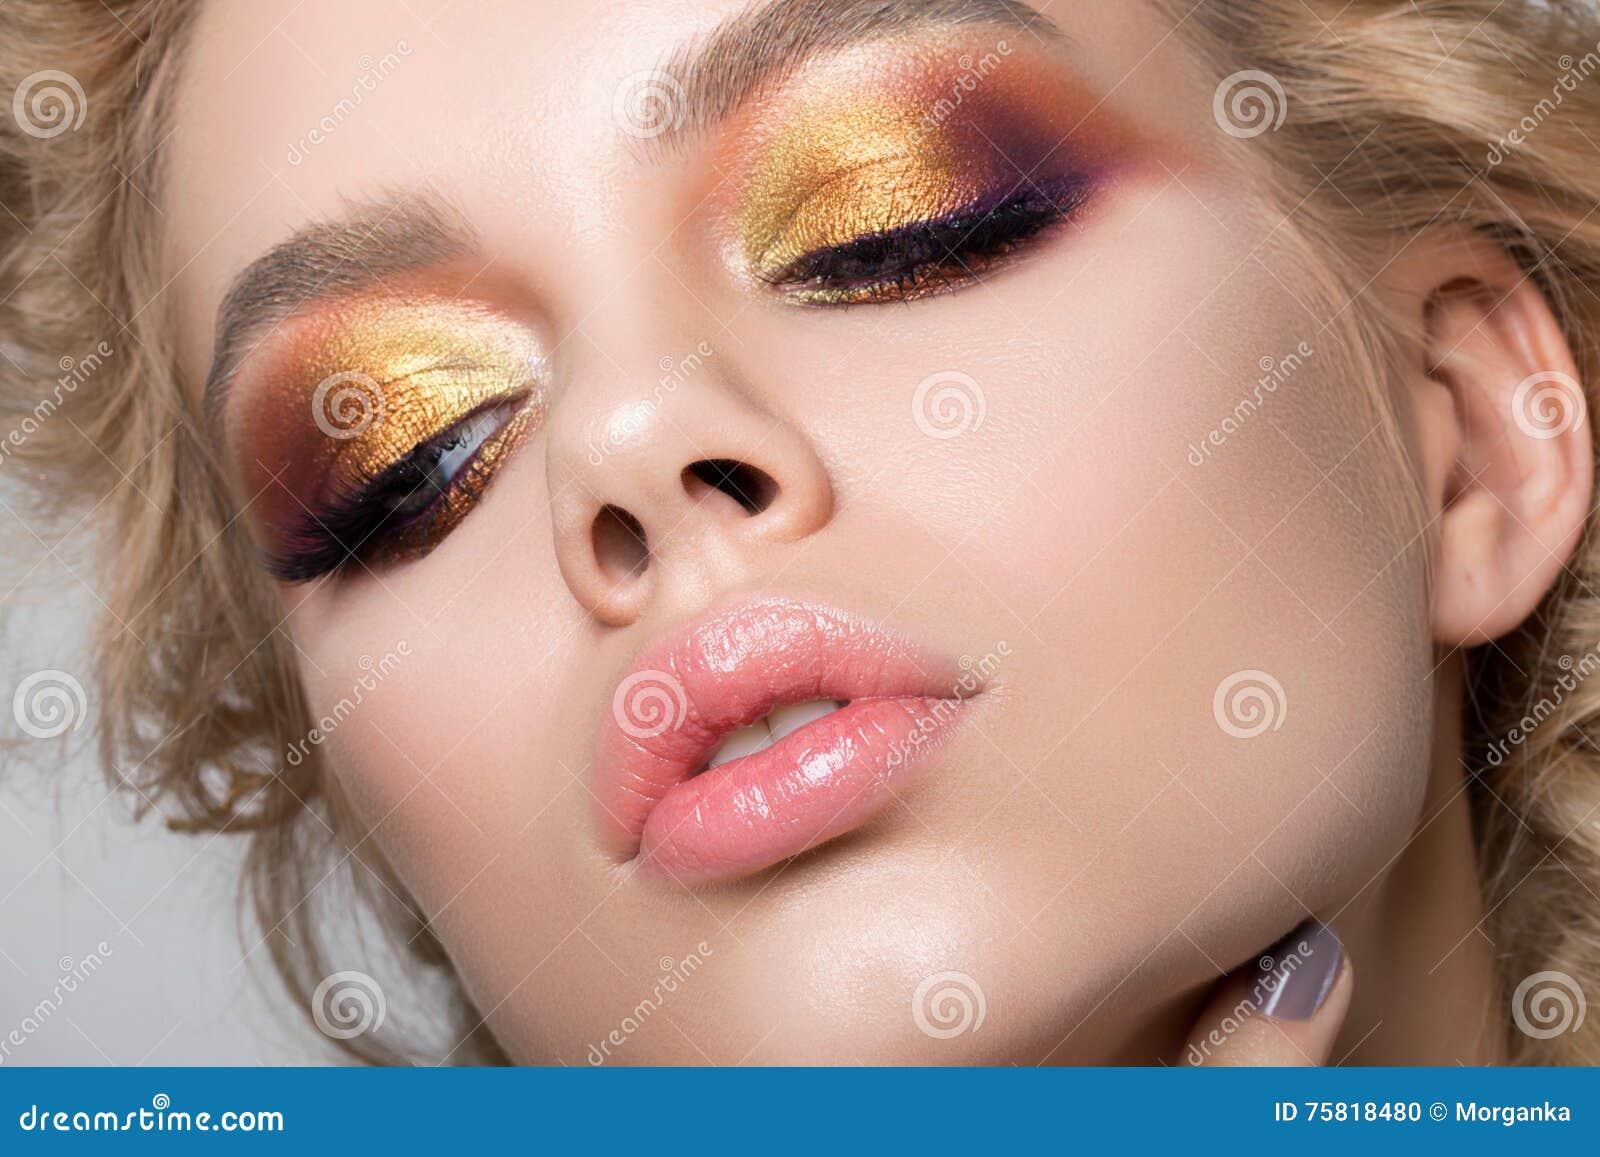 Вечерний макияж этим летом фото